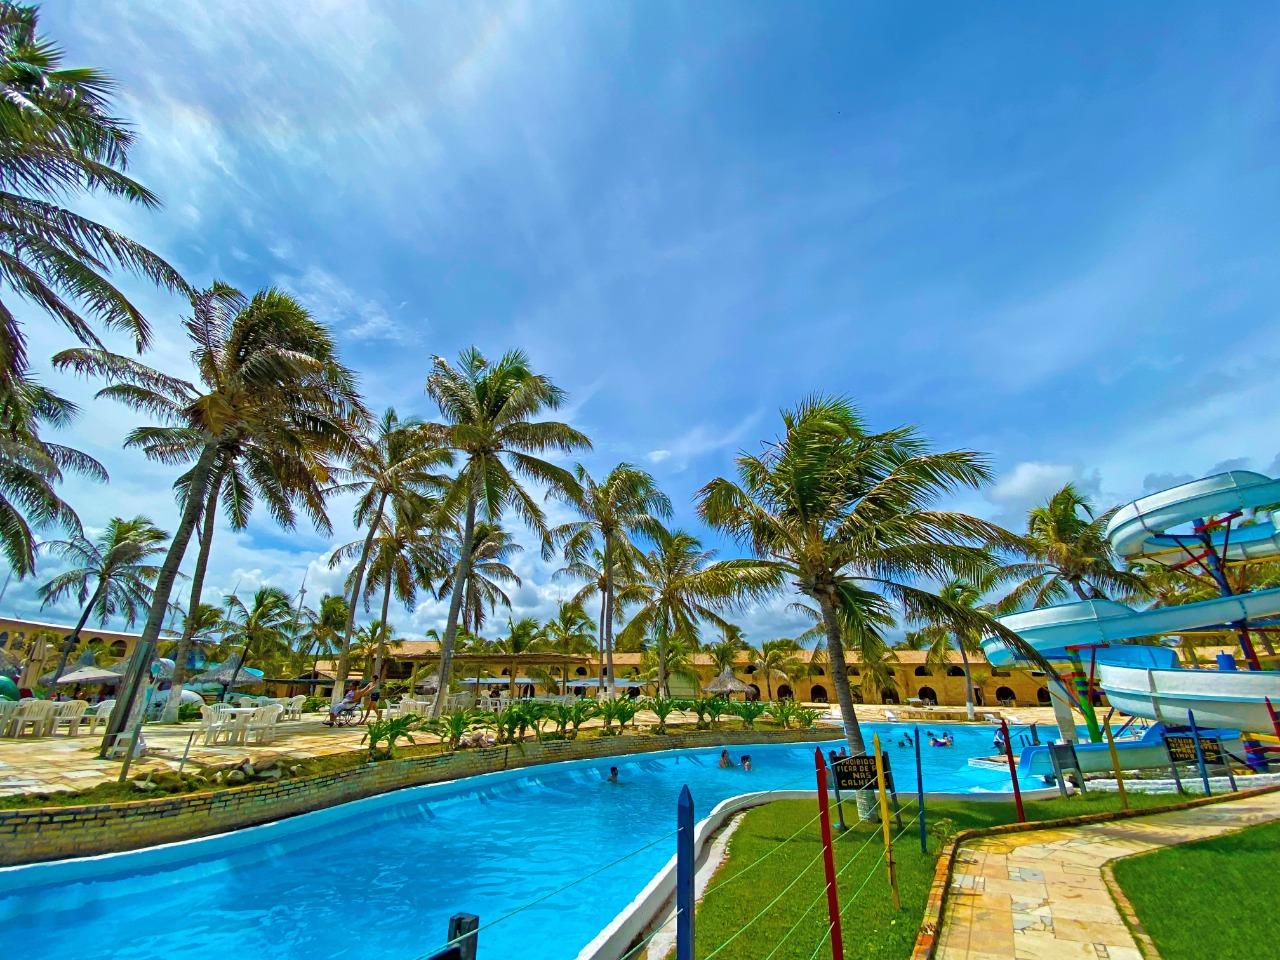 Parque das Fontes e Coliseum Beach Resort criam pacotes especiais para hospedagens em janeiro